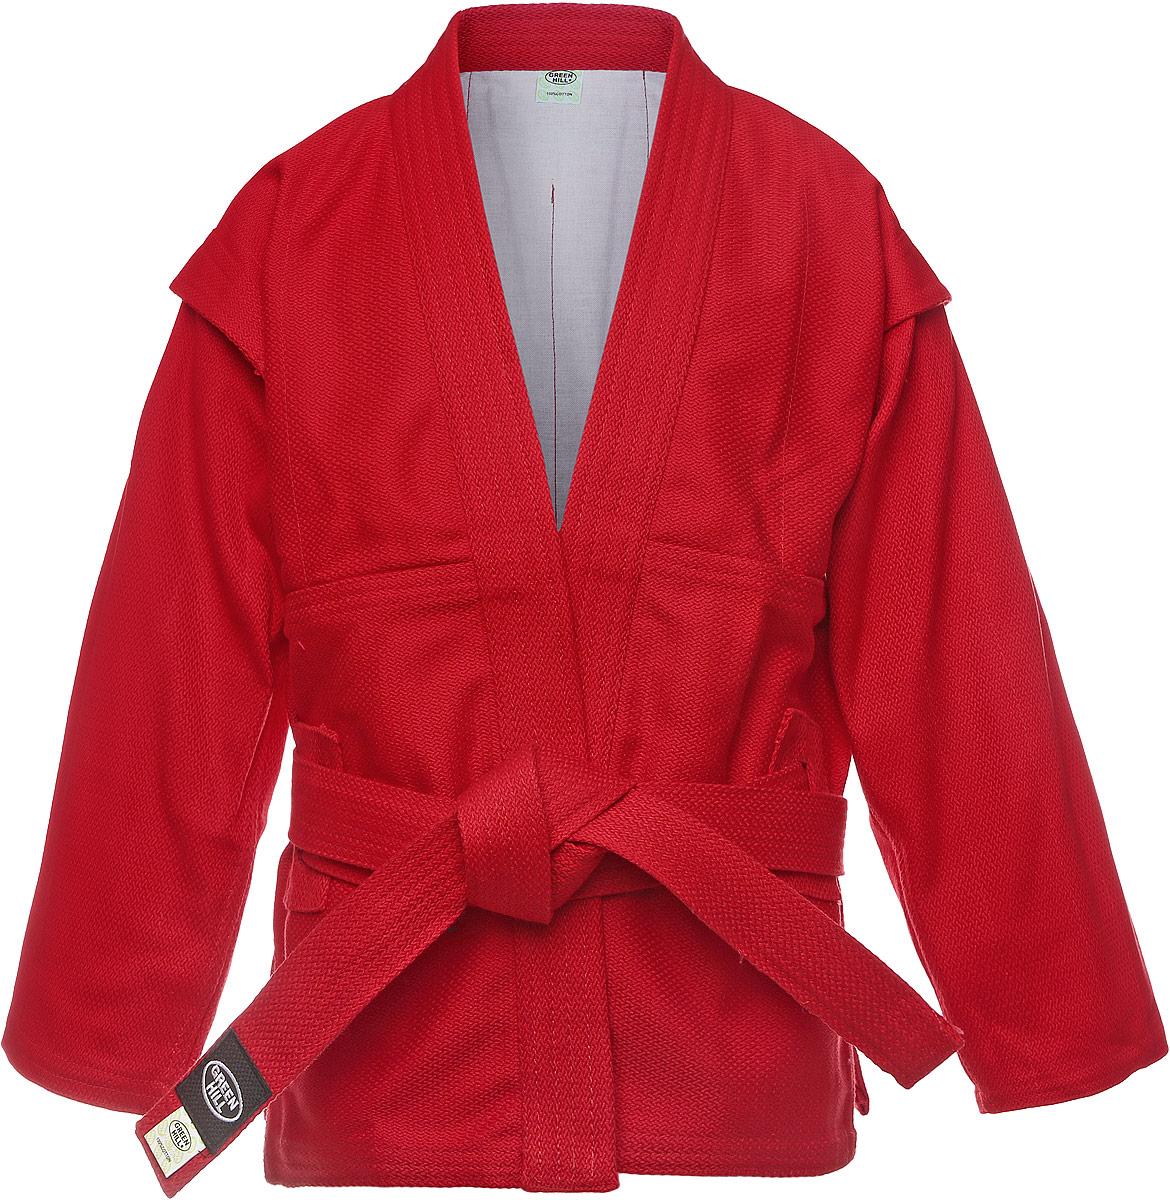 Куртка для самбо Green Hill, цвет: красный. SC-2002. Размер 1/140SC-2002Куртка для занятий самбо Green Hill выполнена из 100% хлопка. Просторная куртка с глубоким запахом и боковыми разрезами. Модель дополнена плотным поясом с многорядной прострочкой. Боковые швы и края укреплены дополнительными строчками.